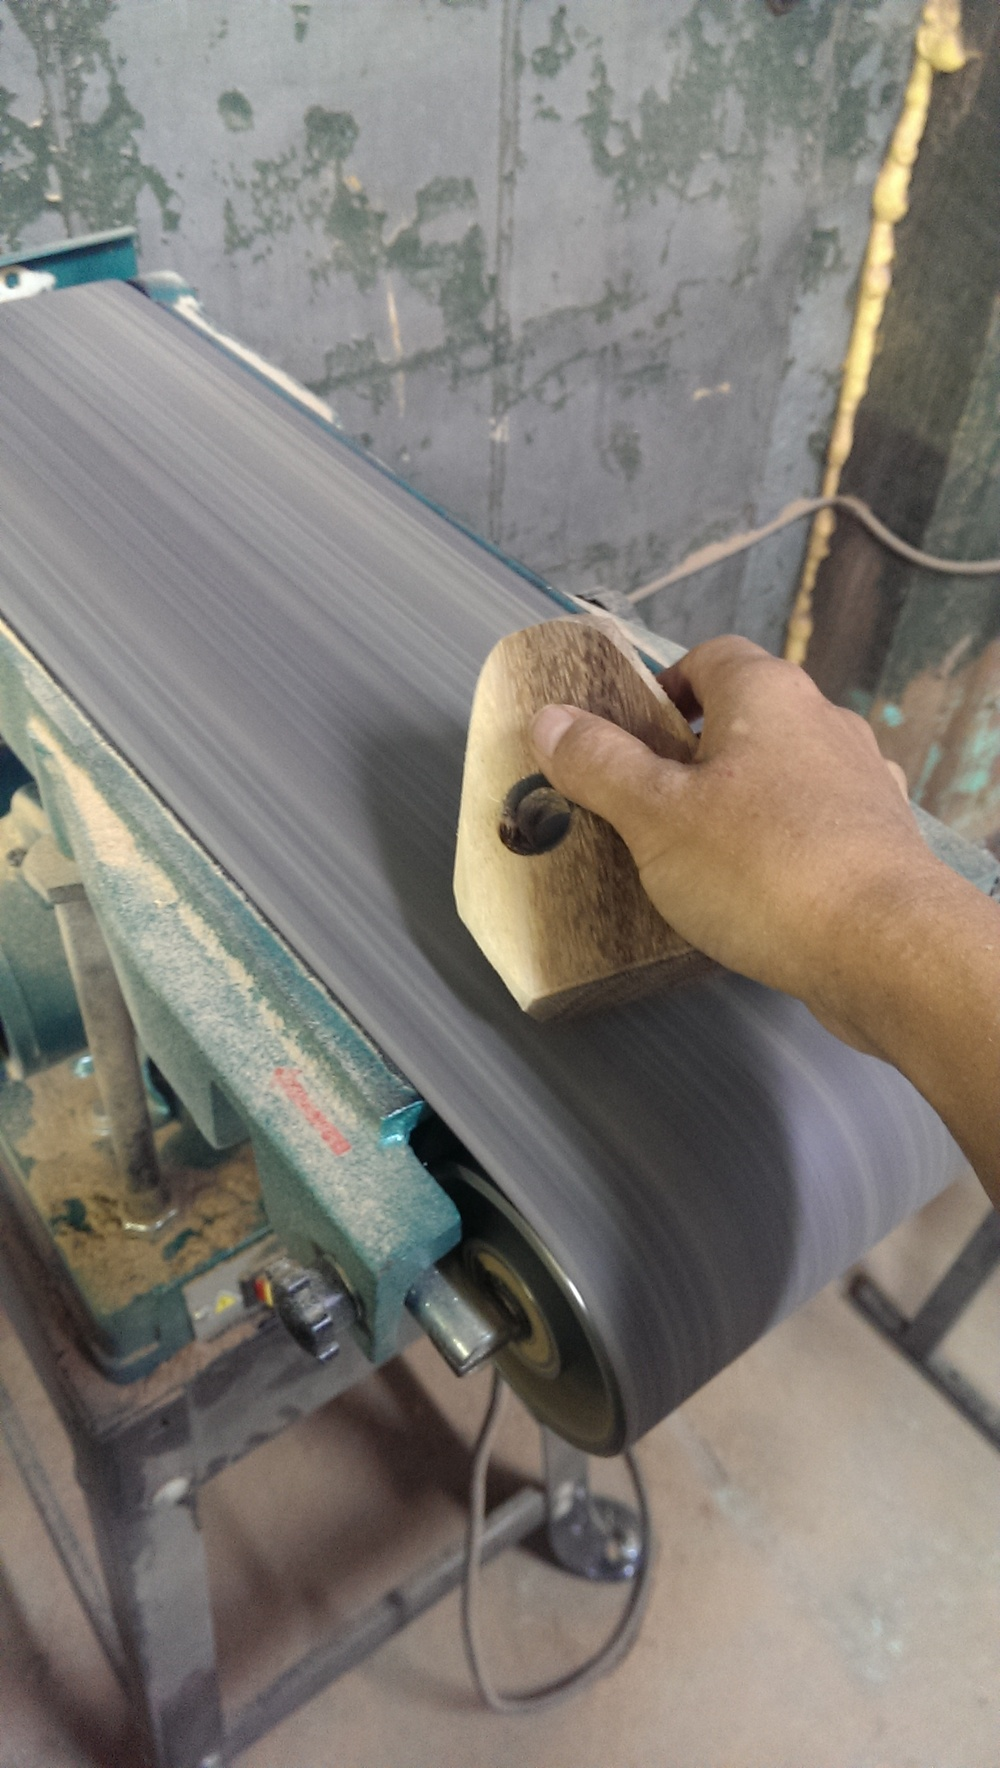 belt sander process